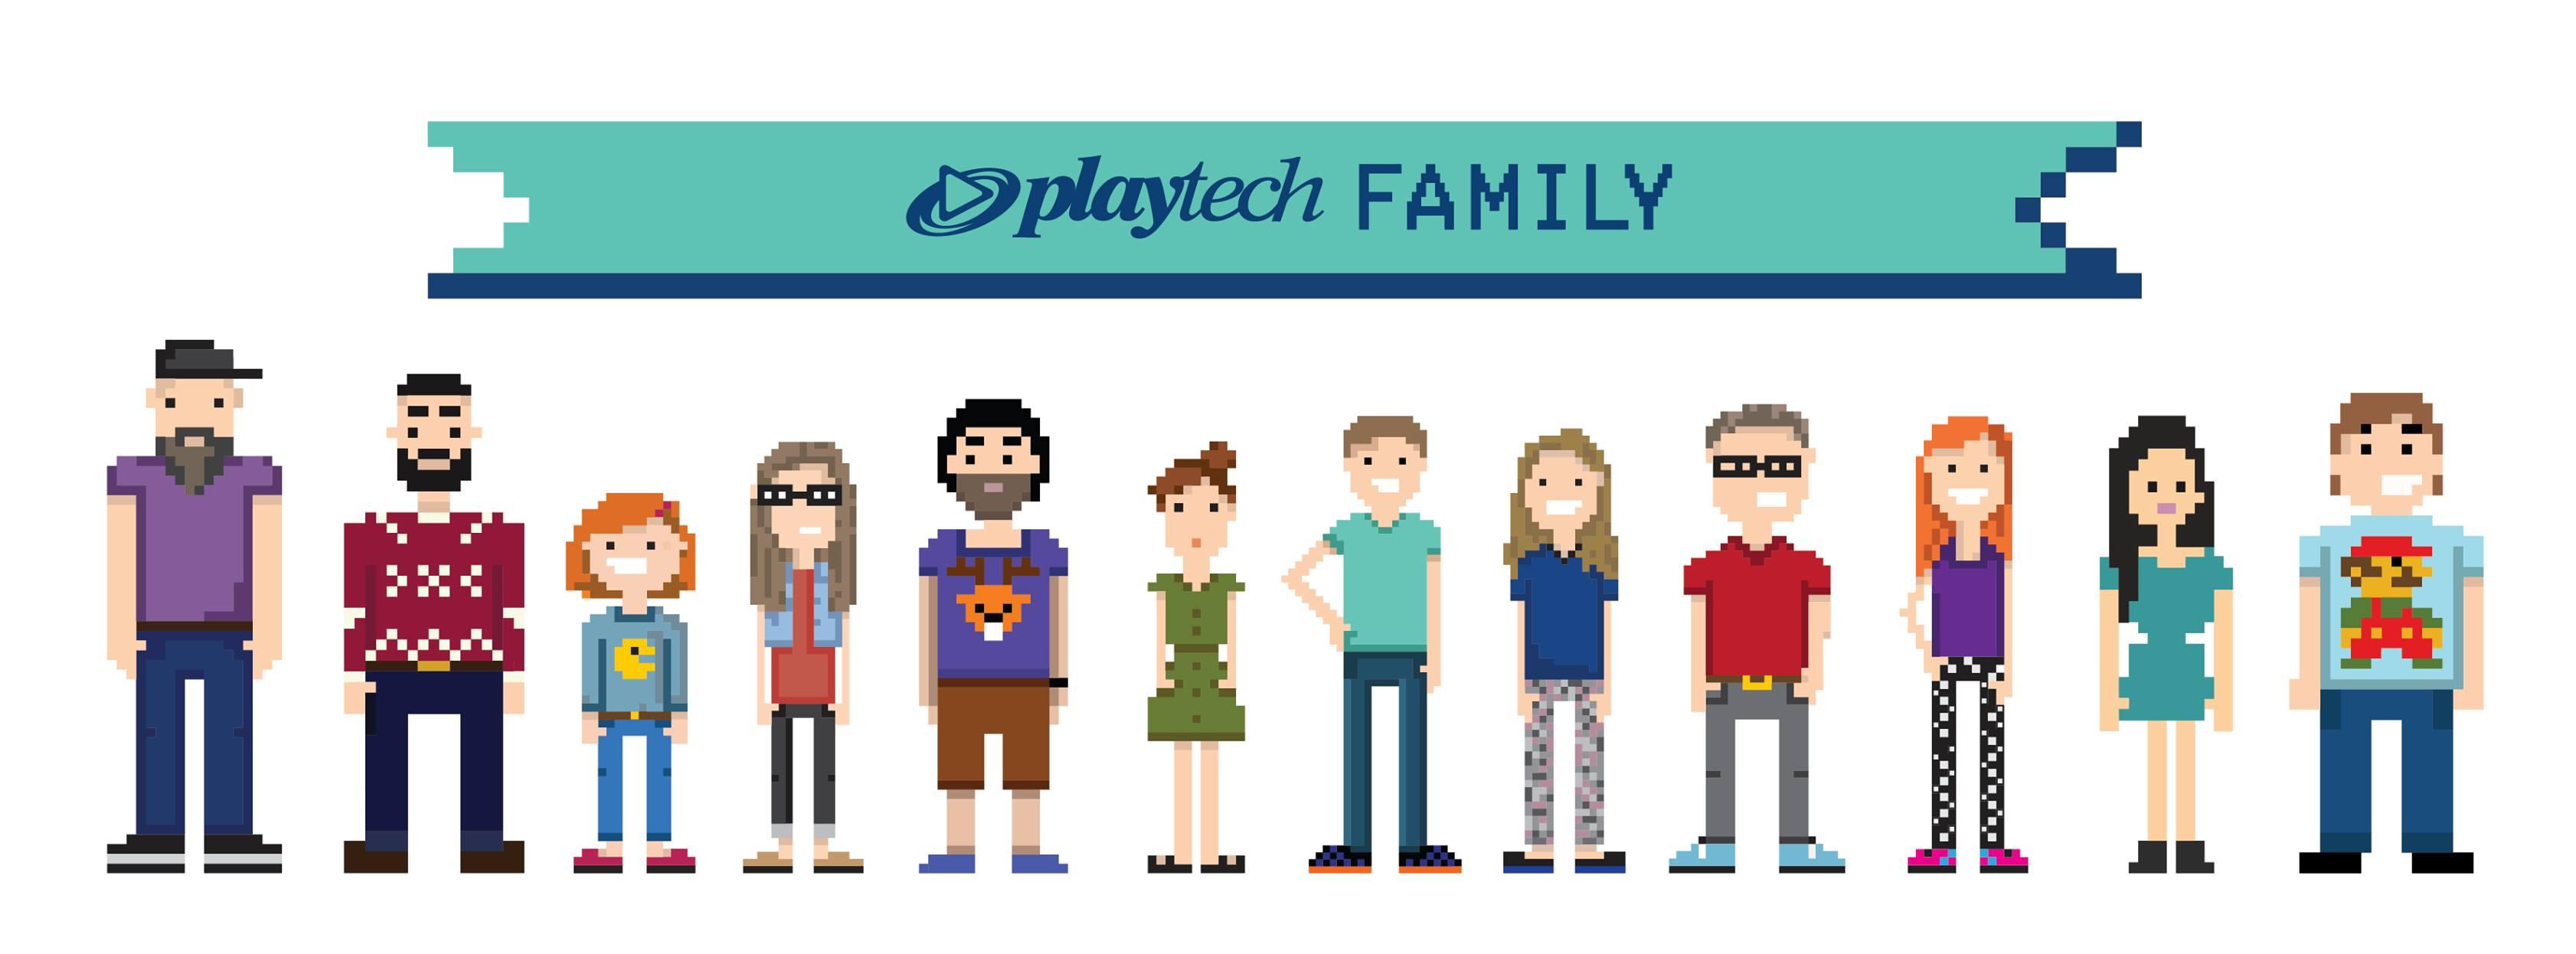 Playtech stock google vegas casino online blackjack